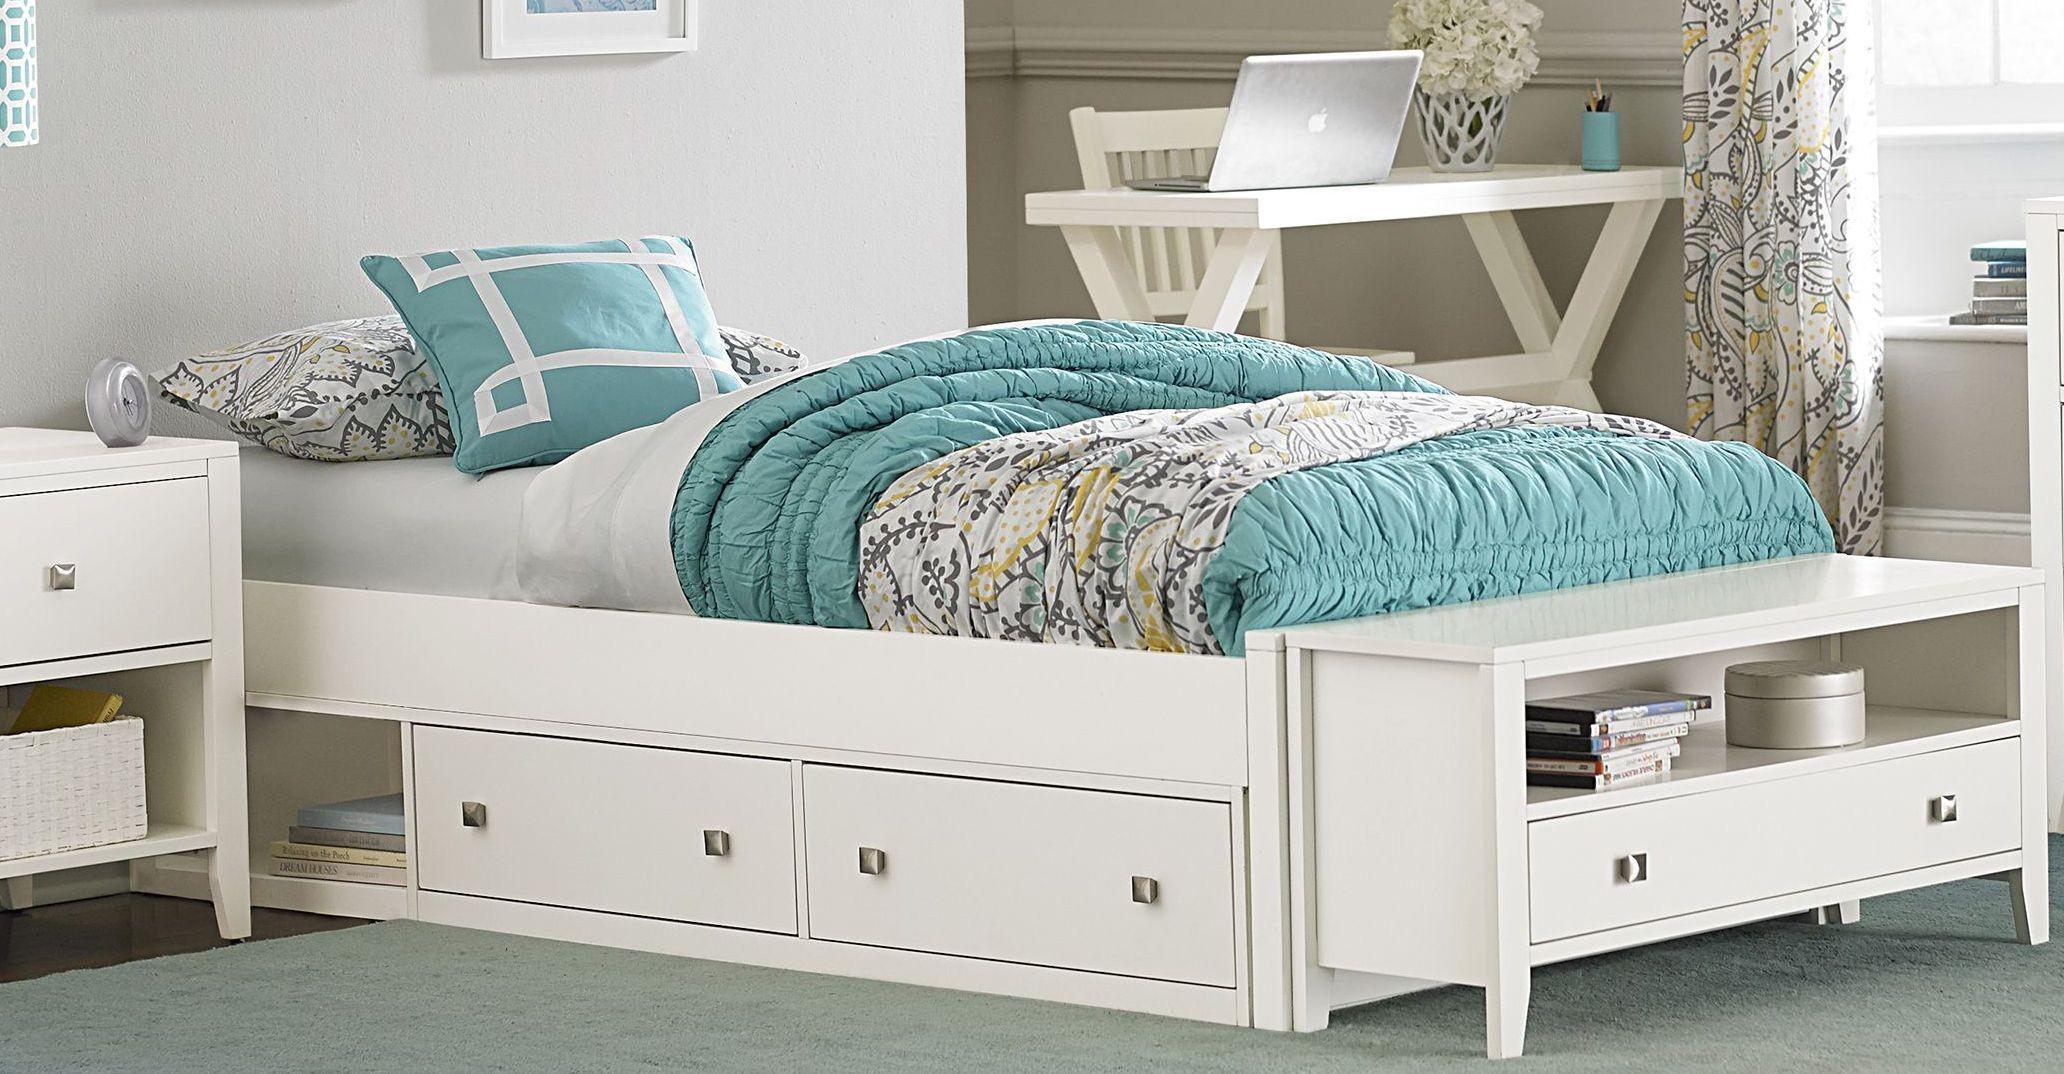 pulse white full platform bed with storage from ne kids coleman furniture. Black Bedroom Furniture Sets. Home Design Ideas